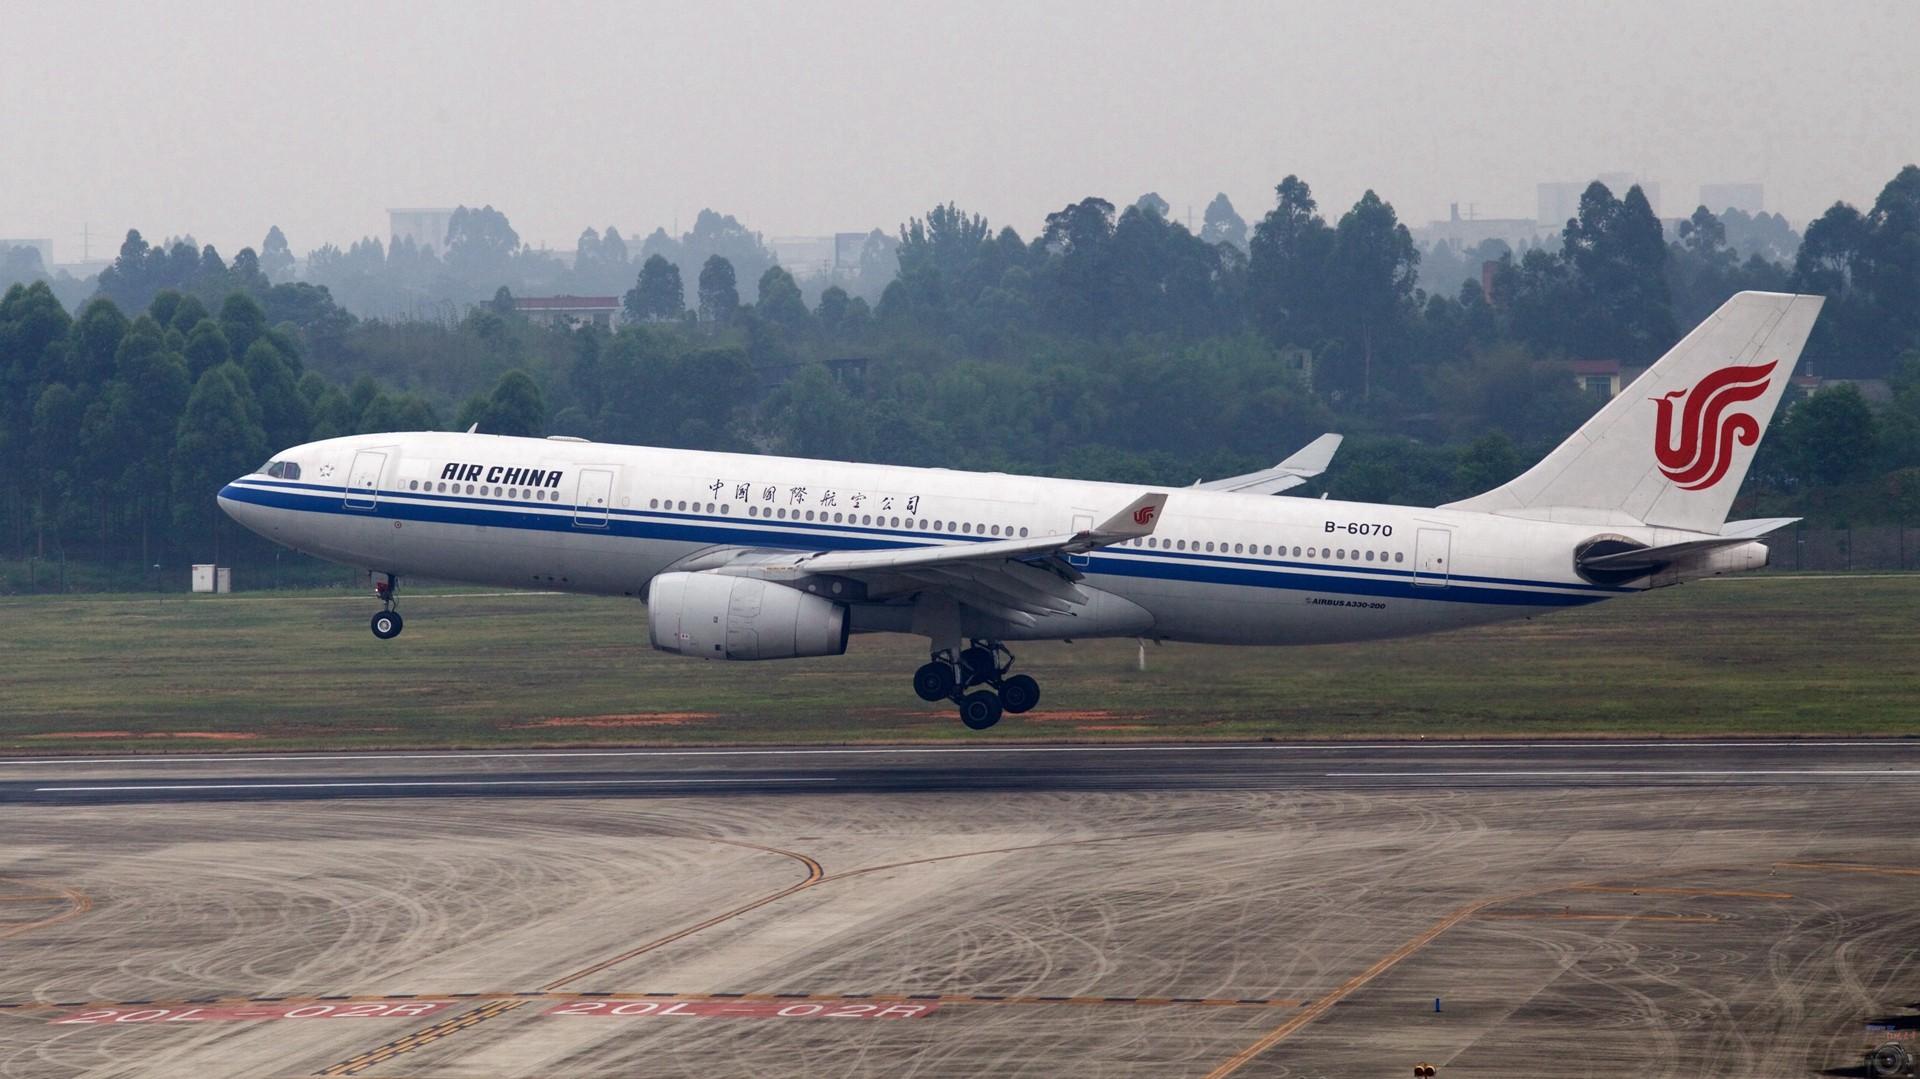 Re:[原创]重出江湖【CTU】2015.5.17打飞机 AIRBUS A330-200 B-6070 中国成都双流国际机场